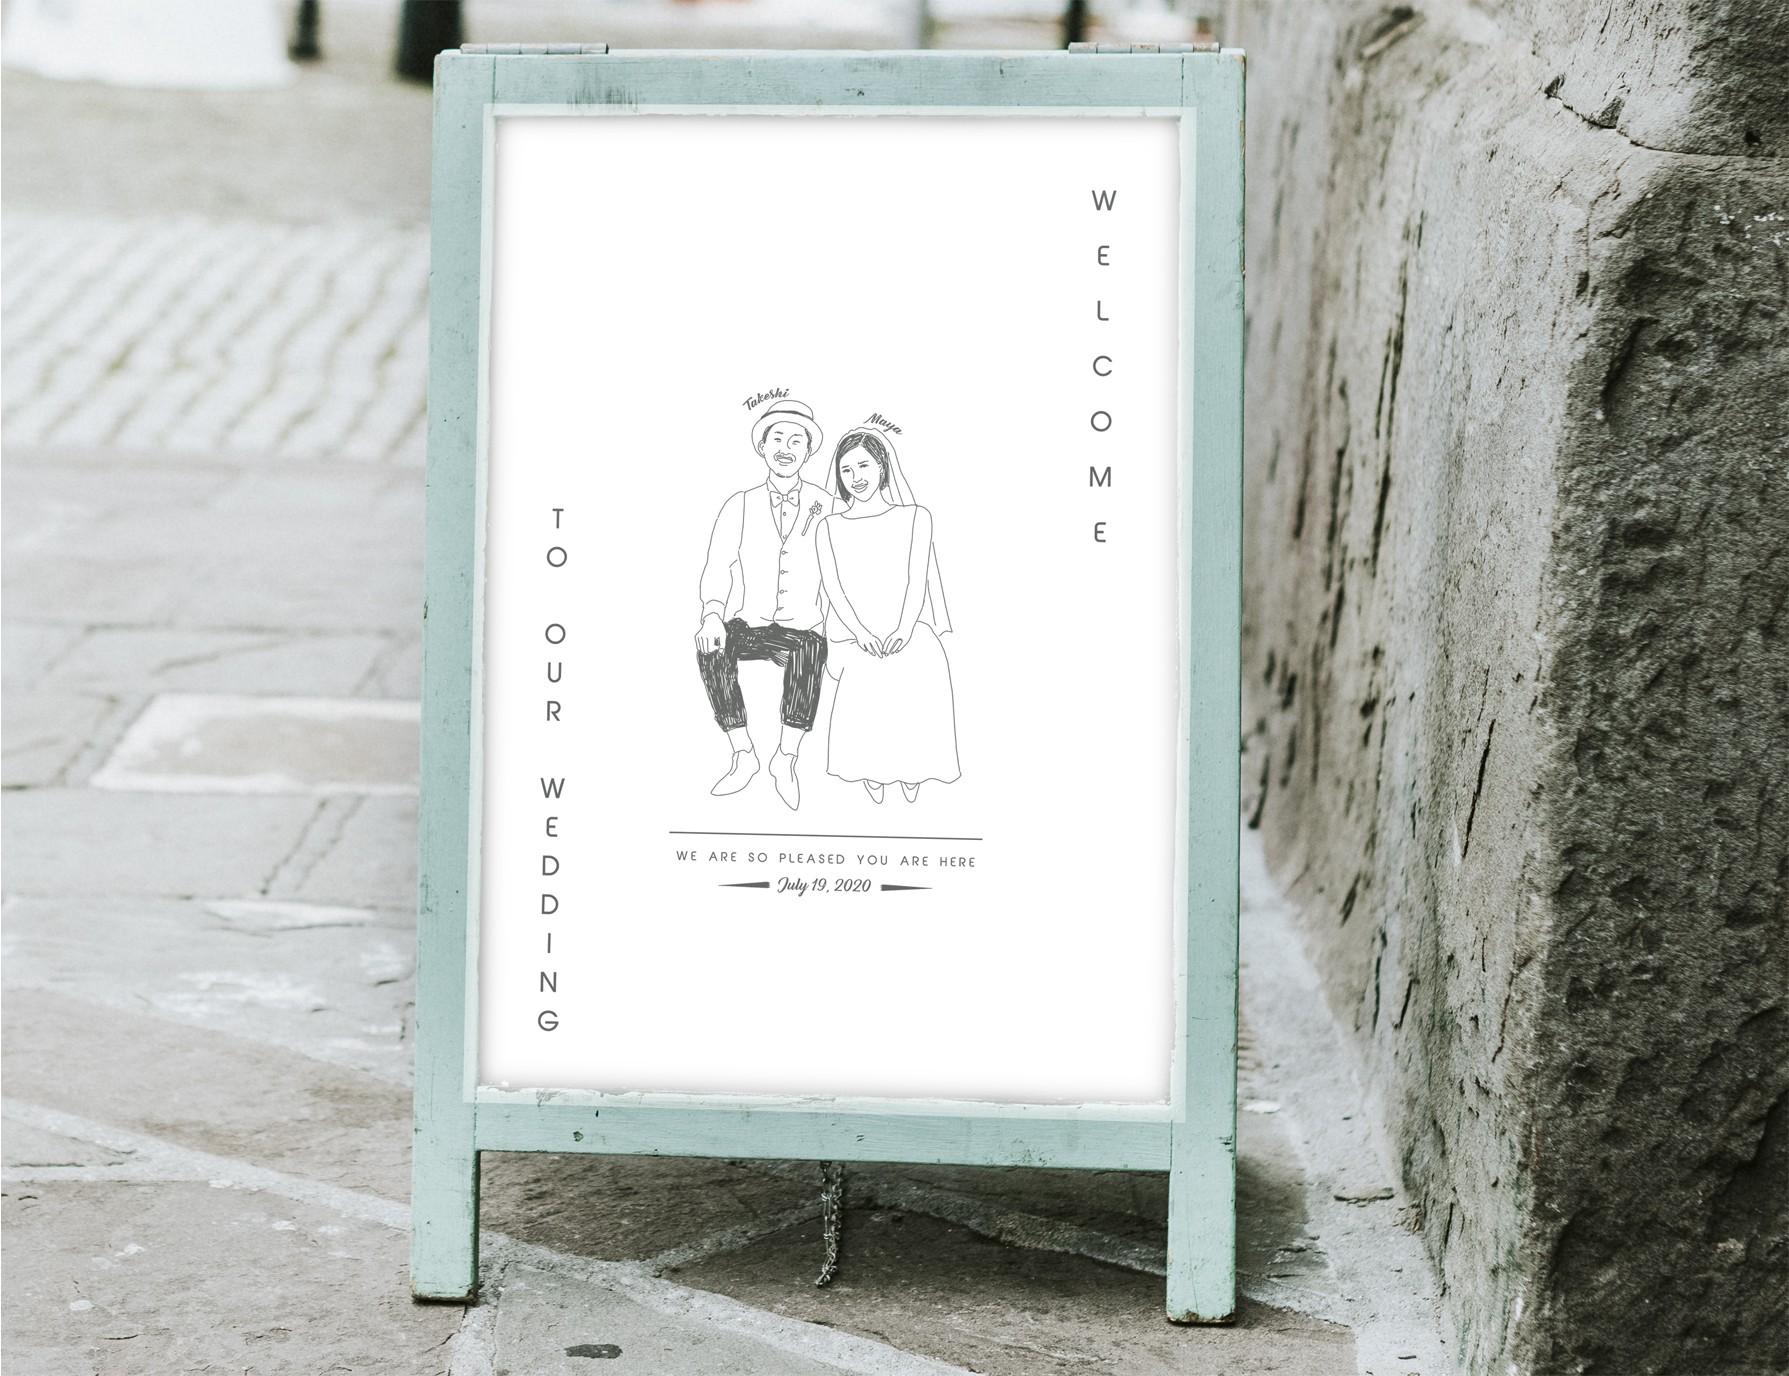 【5/22更新!】「おとなの似顔絵」に新シリーズが追加!